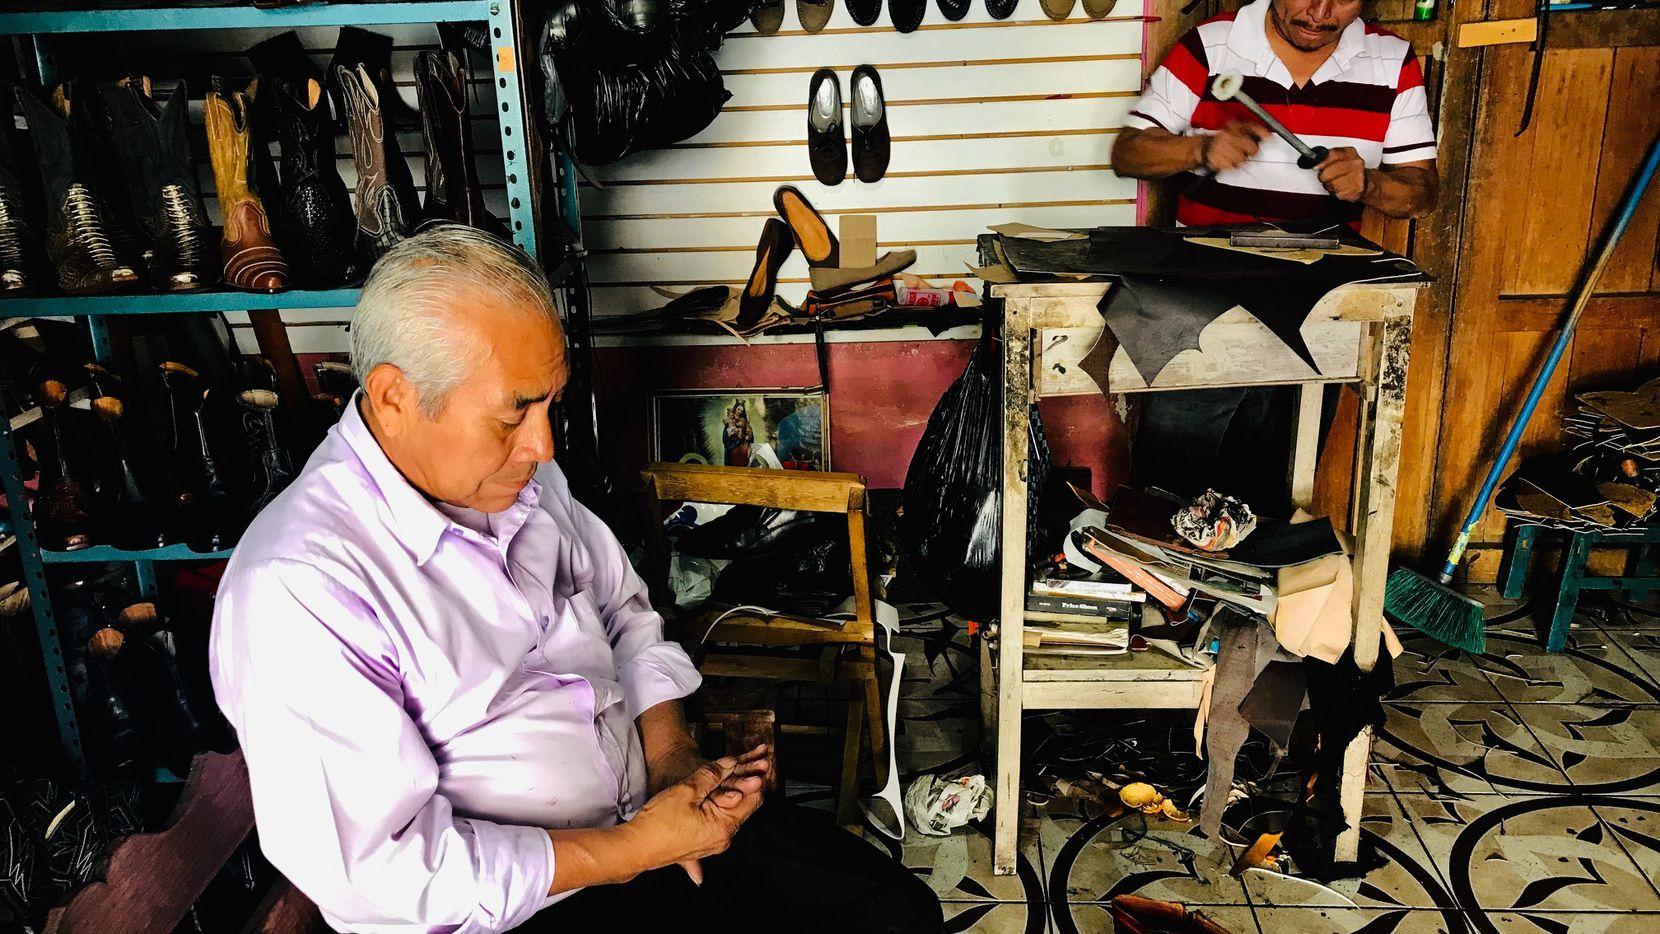 Inés Gómez de 63 años enseño el oficio de fabricar botas a su hijo José de 43 años, en Guatemala. ALFREDO CORCHADO